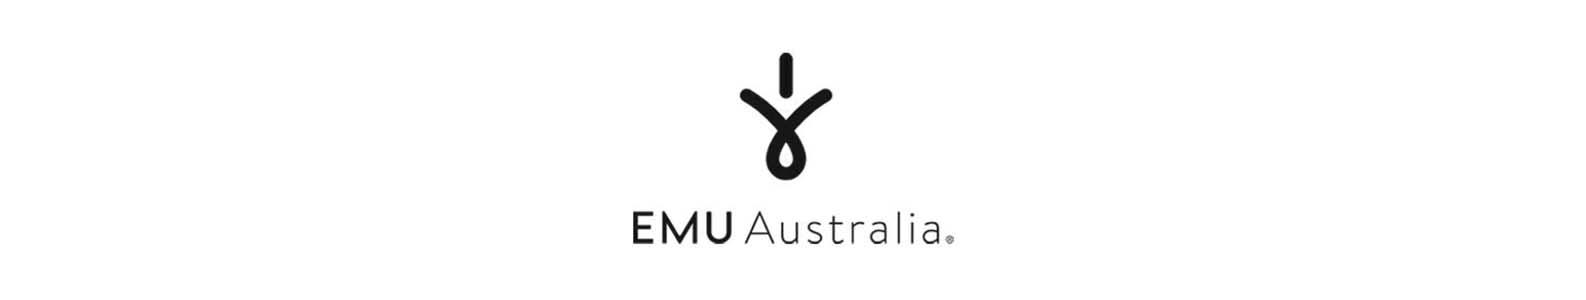 EMU Australia brand header image